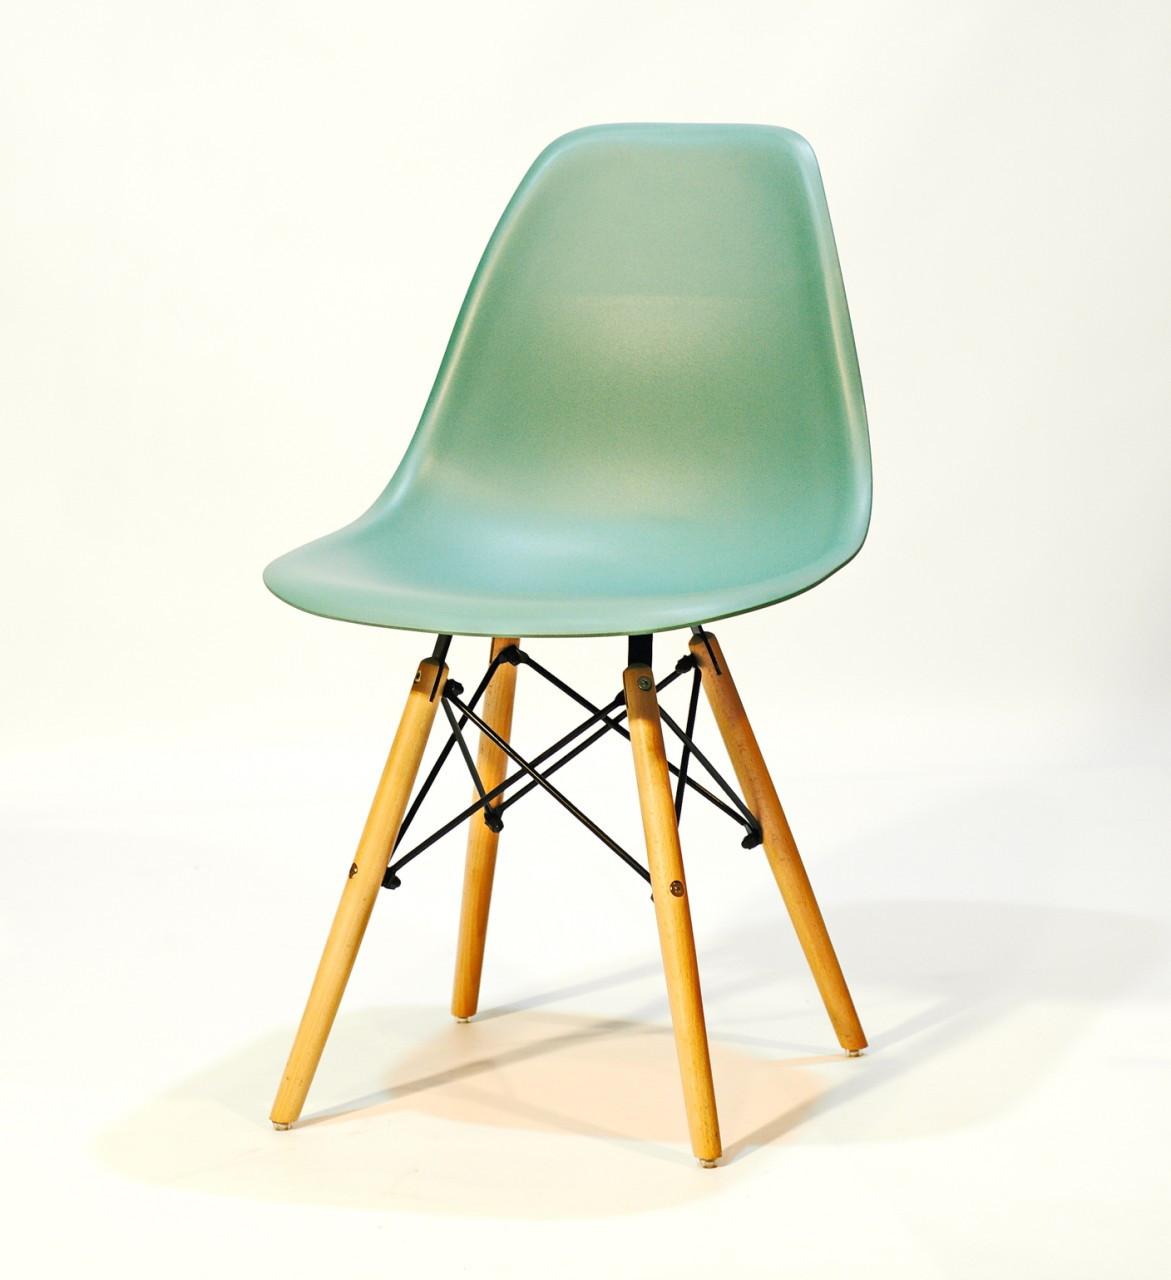 Стул пластиковый на деревянных ножках цвет Трилистник в современном стиле Nik для баров, кафе, ресторанов